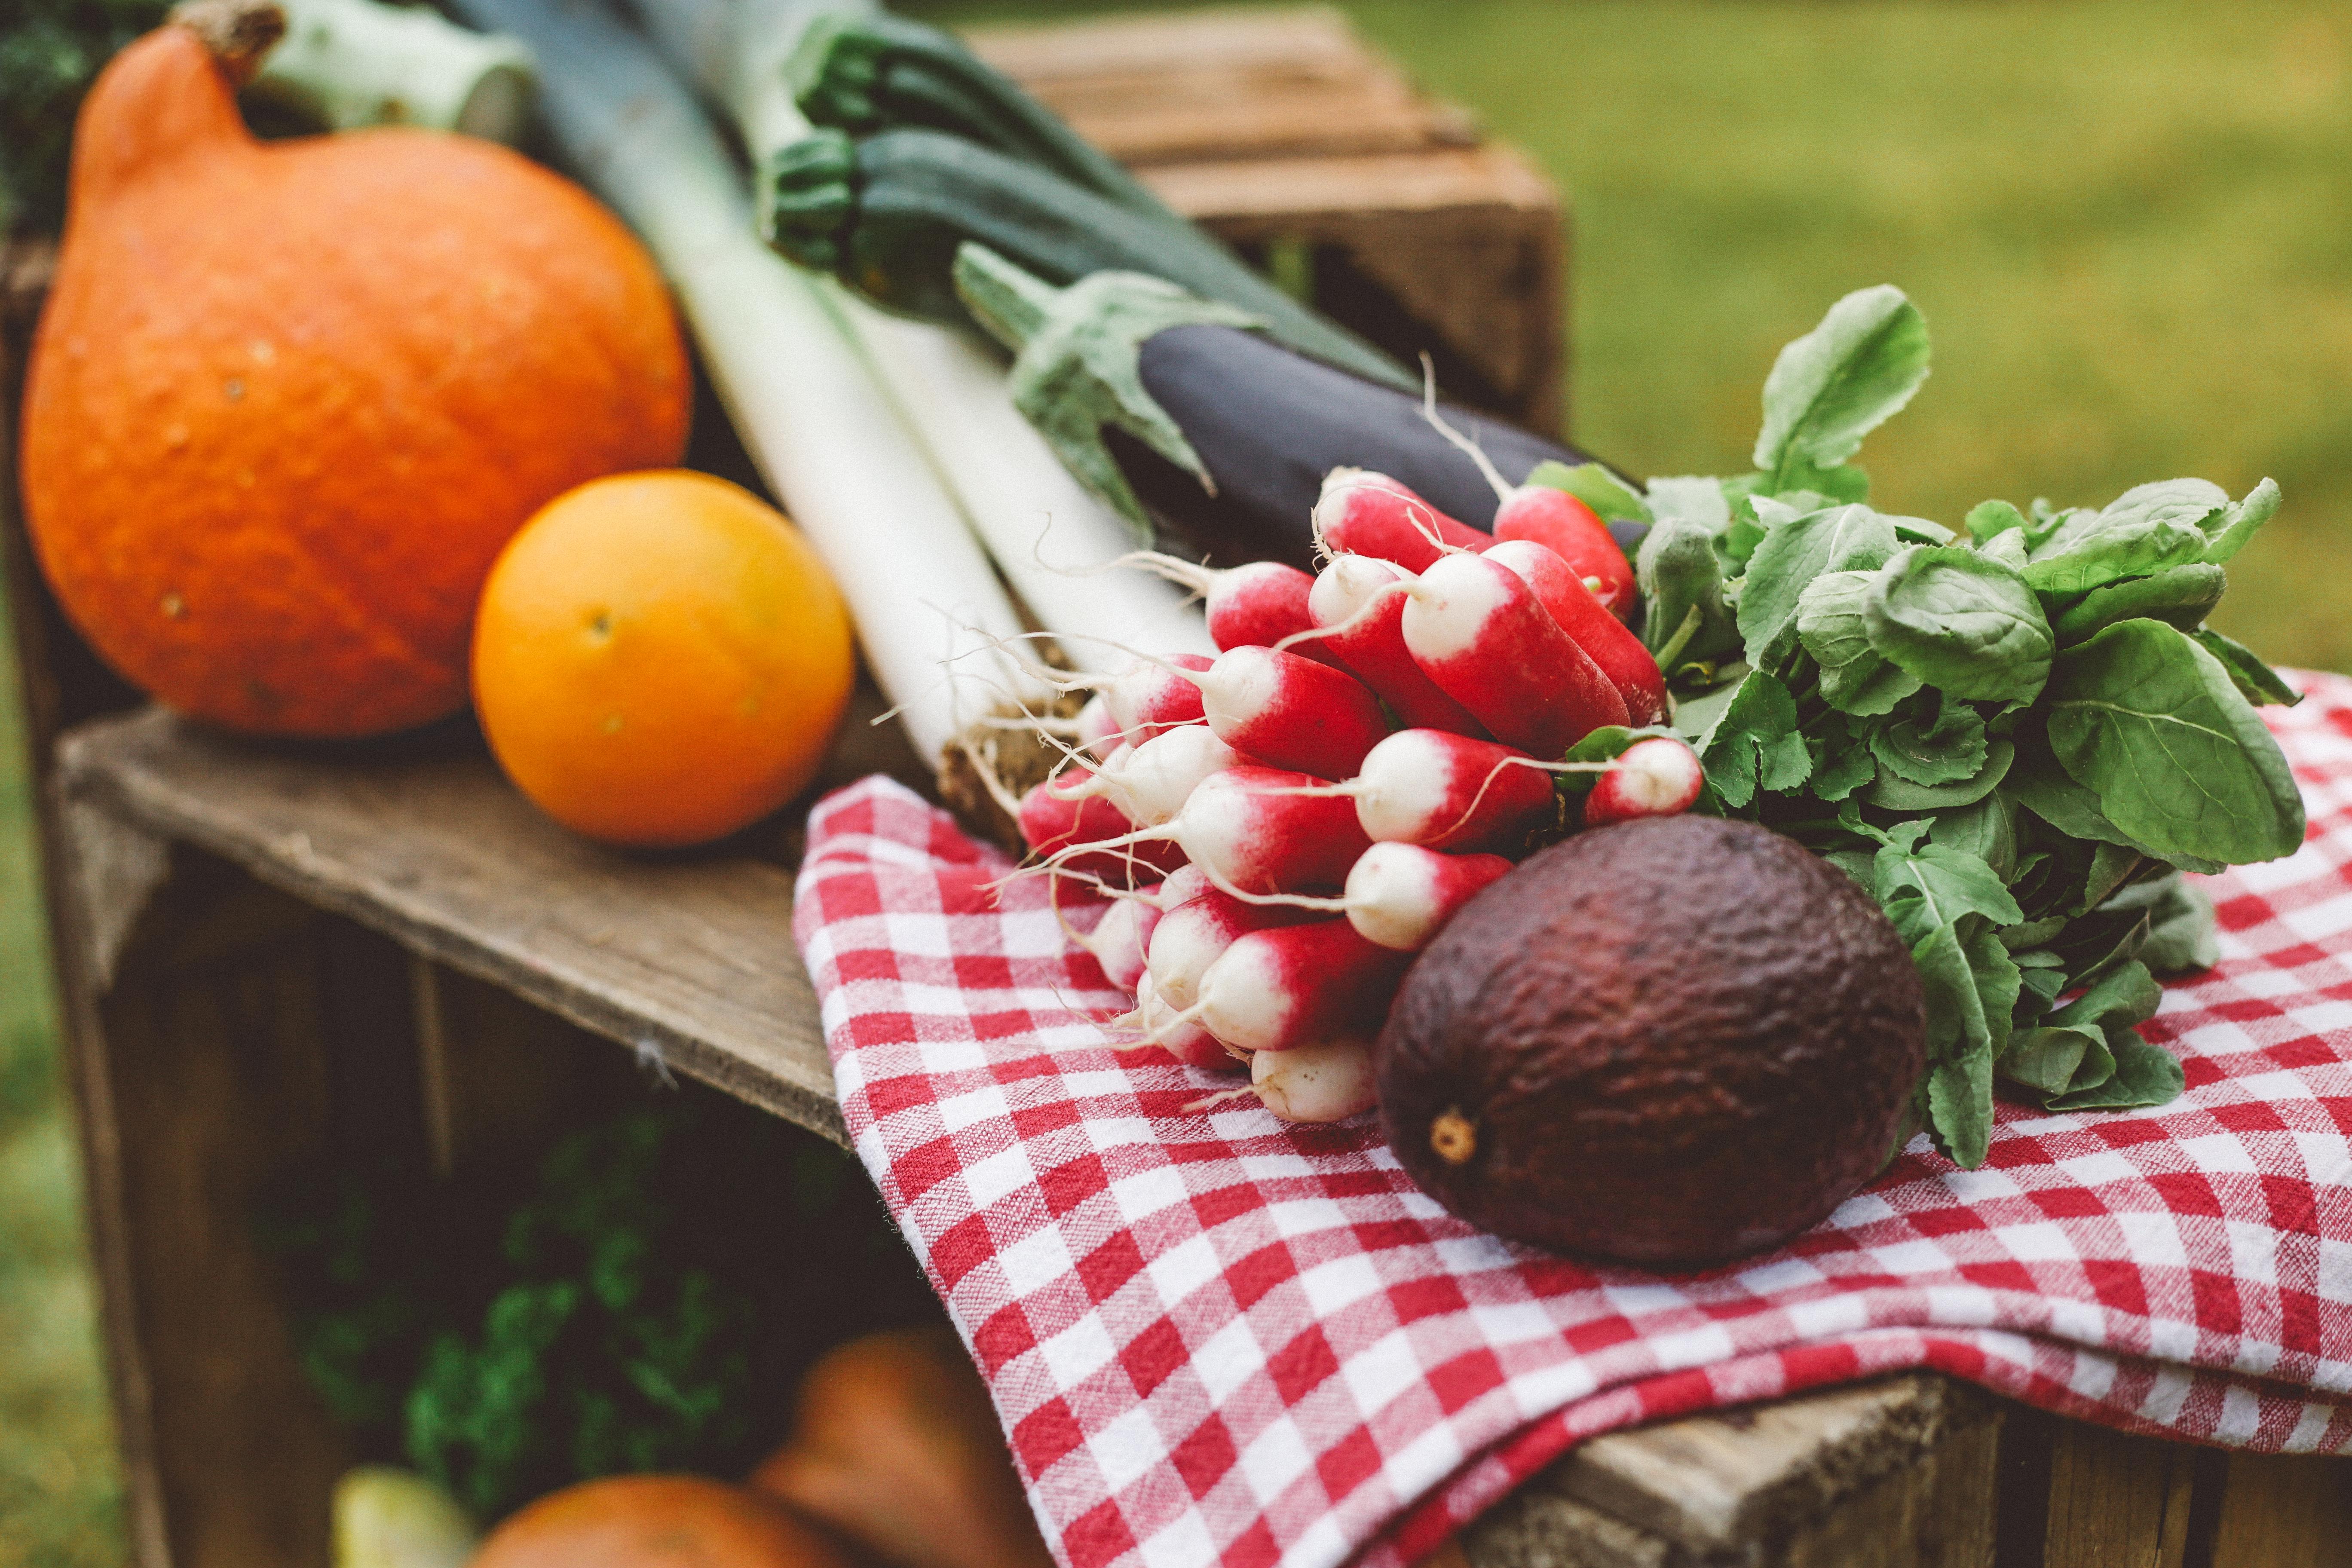 mes-legumes.com  Fruits  Légumes  Livraison à Domicile  Lyon